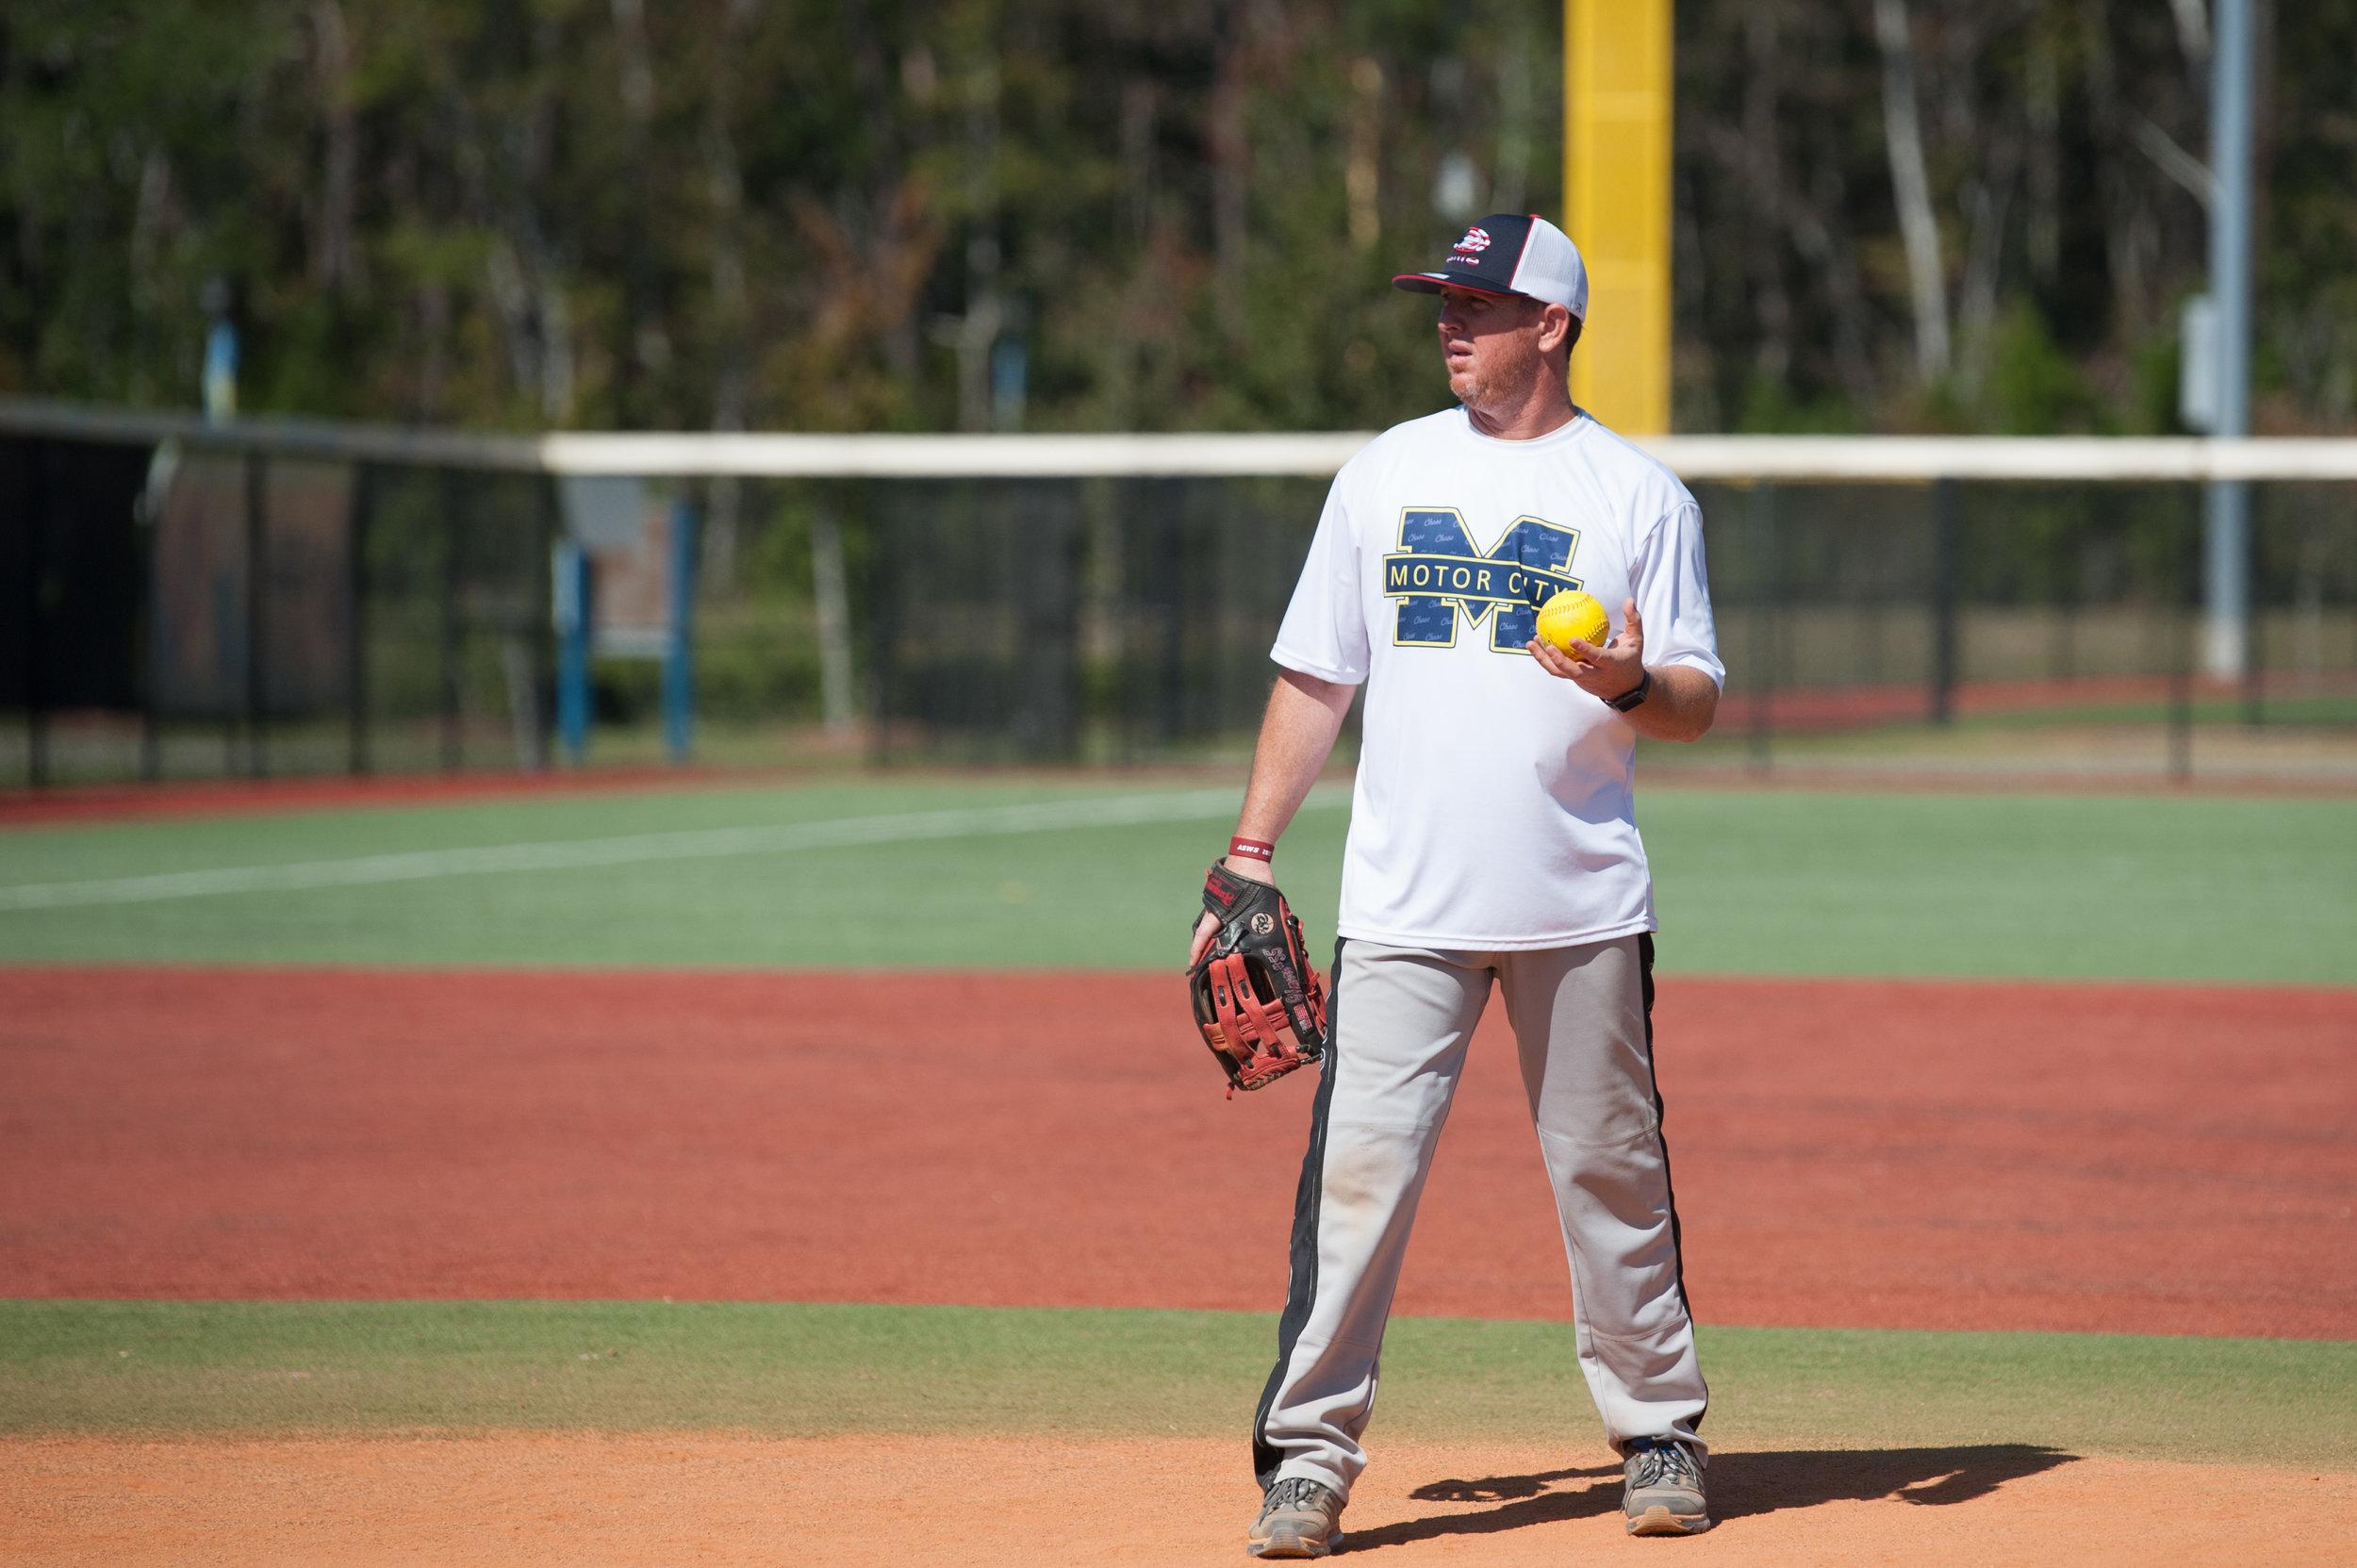 MCC - Justin pitching #1.jpg